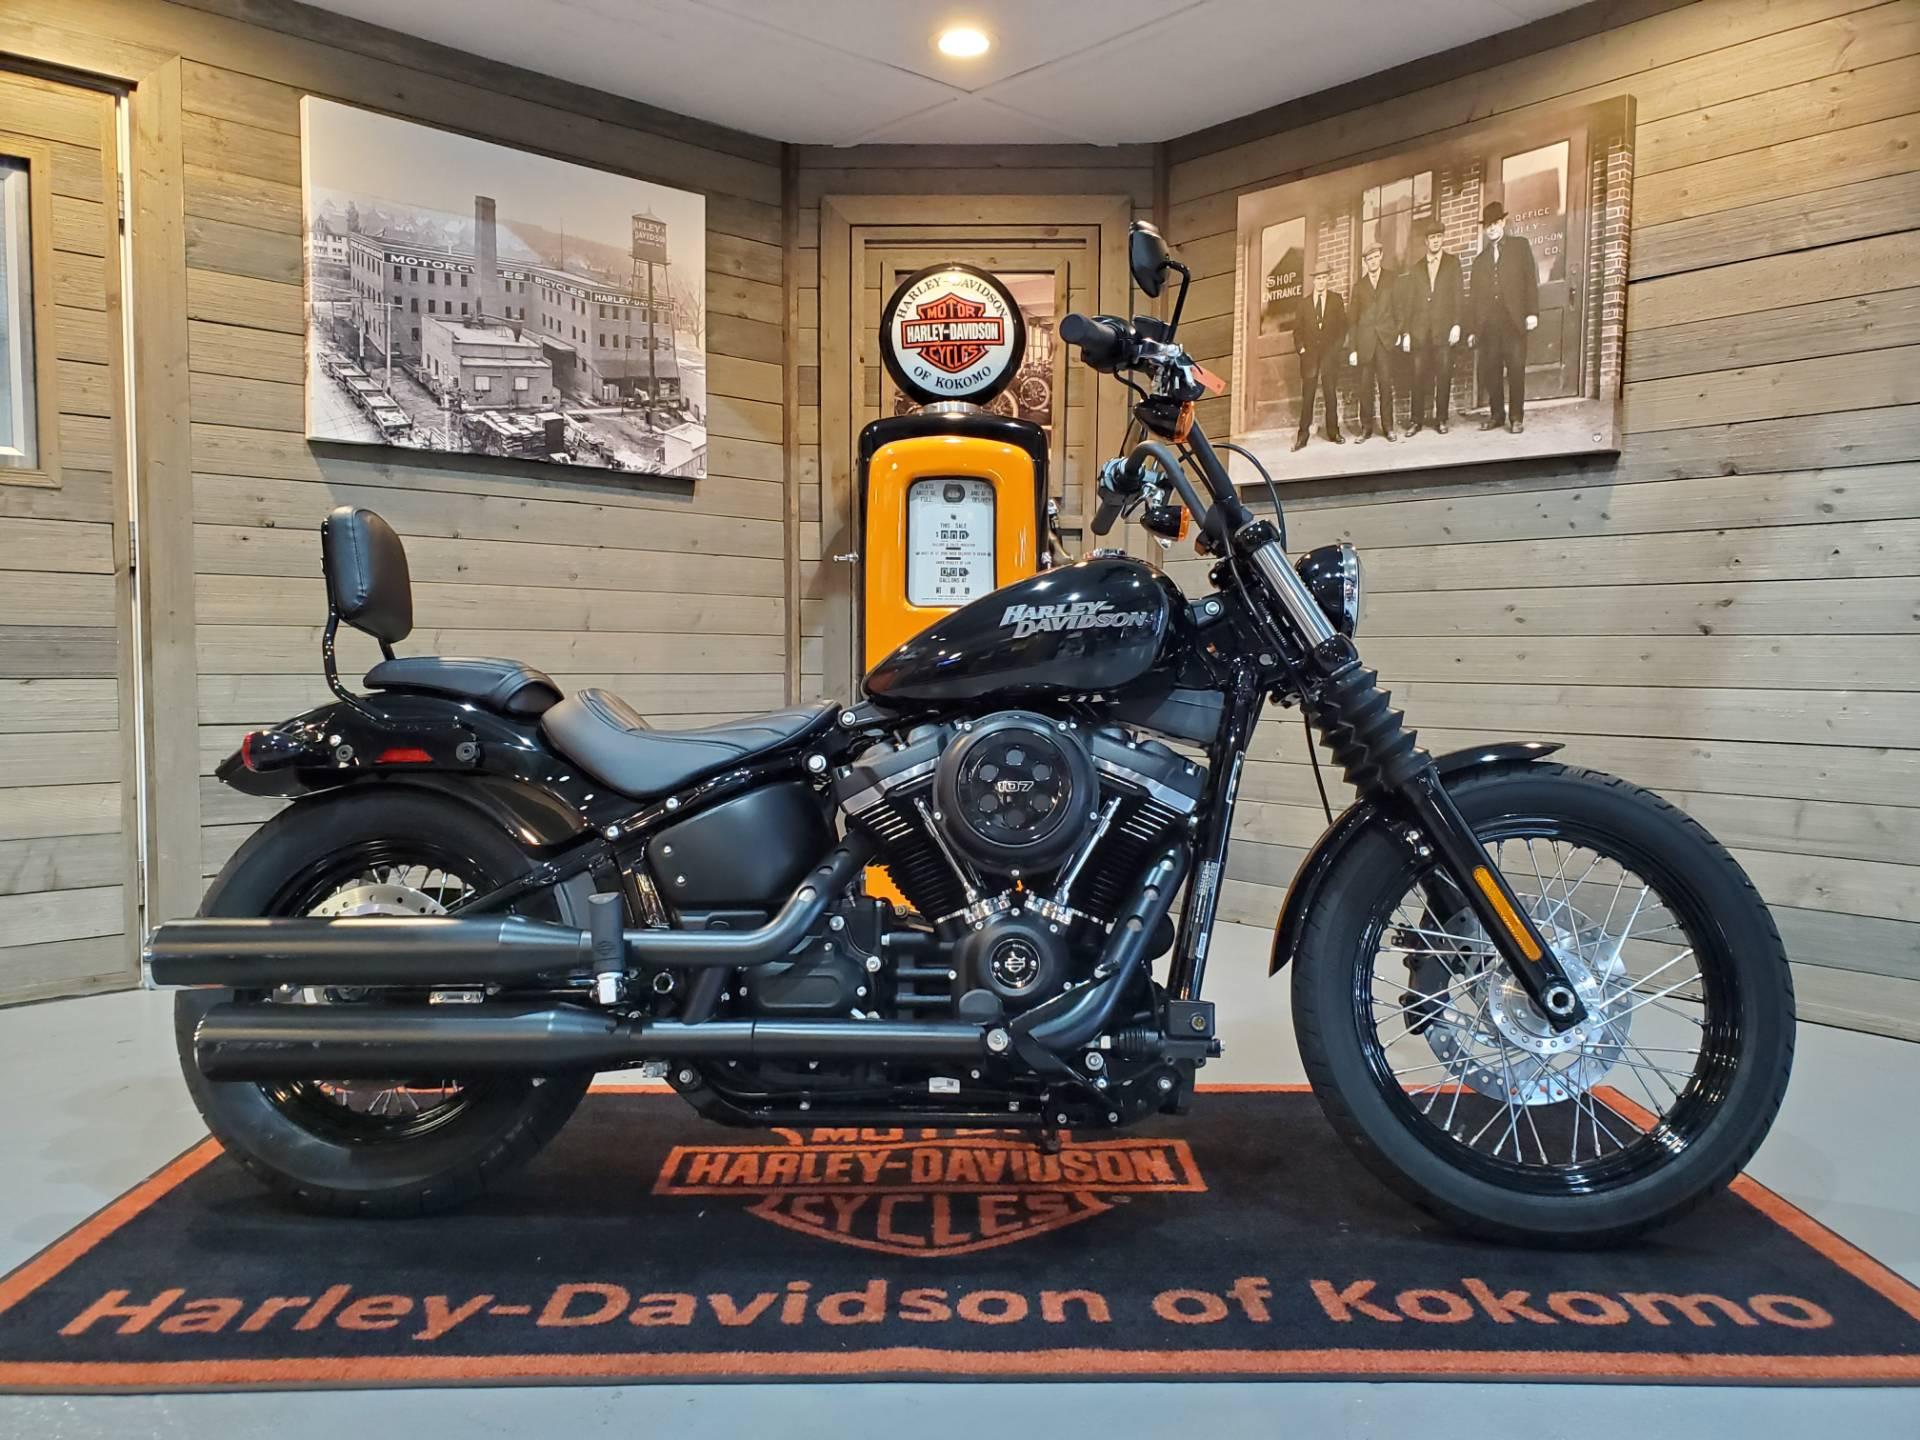 Used 2019 Harley Davidson Street Bob Motorcycles In Kokomo In B073394 Vivid Black